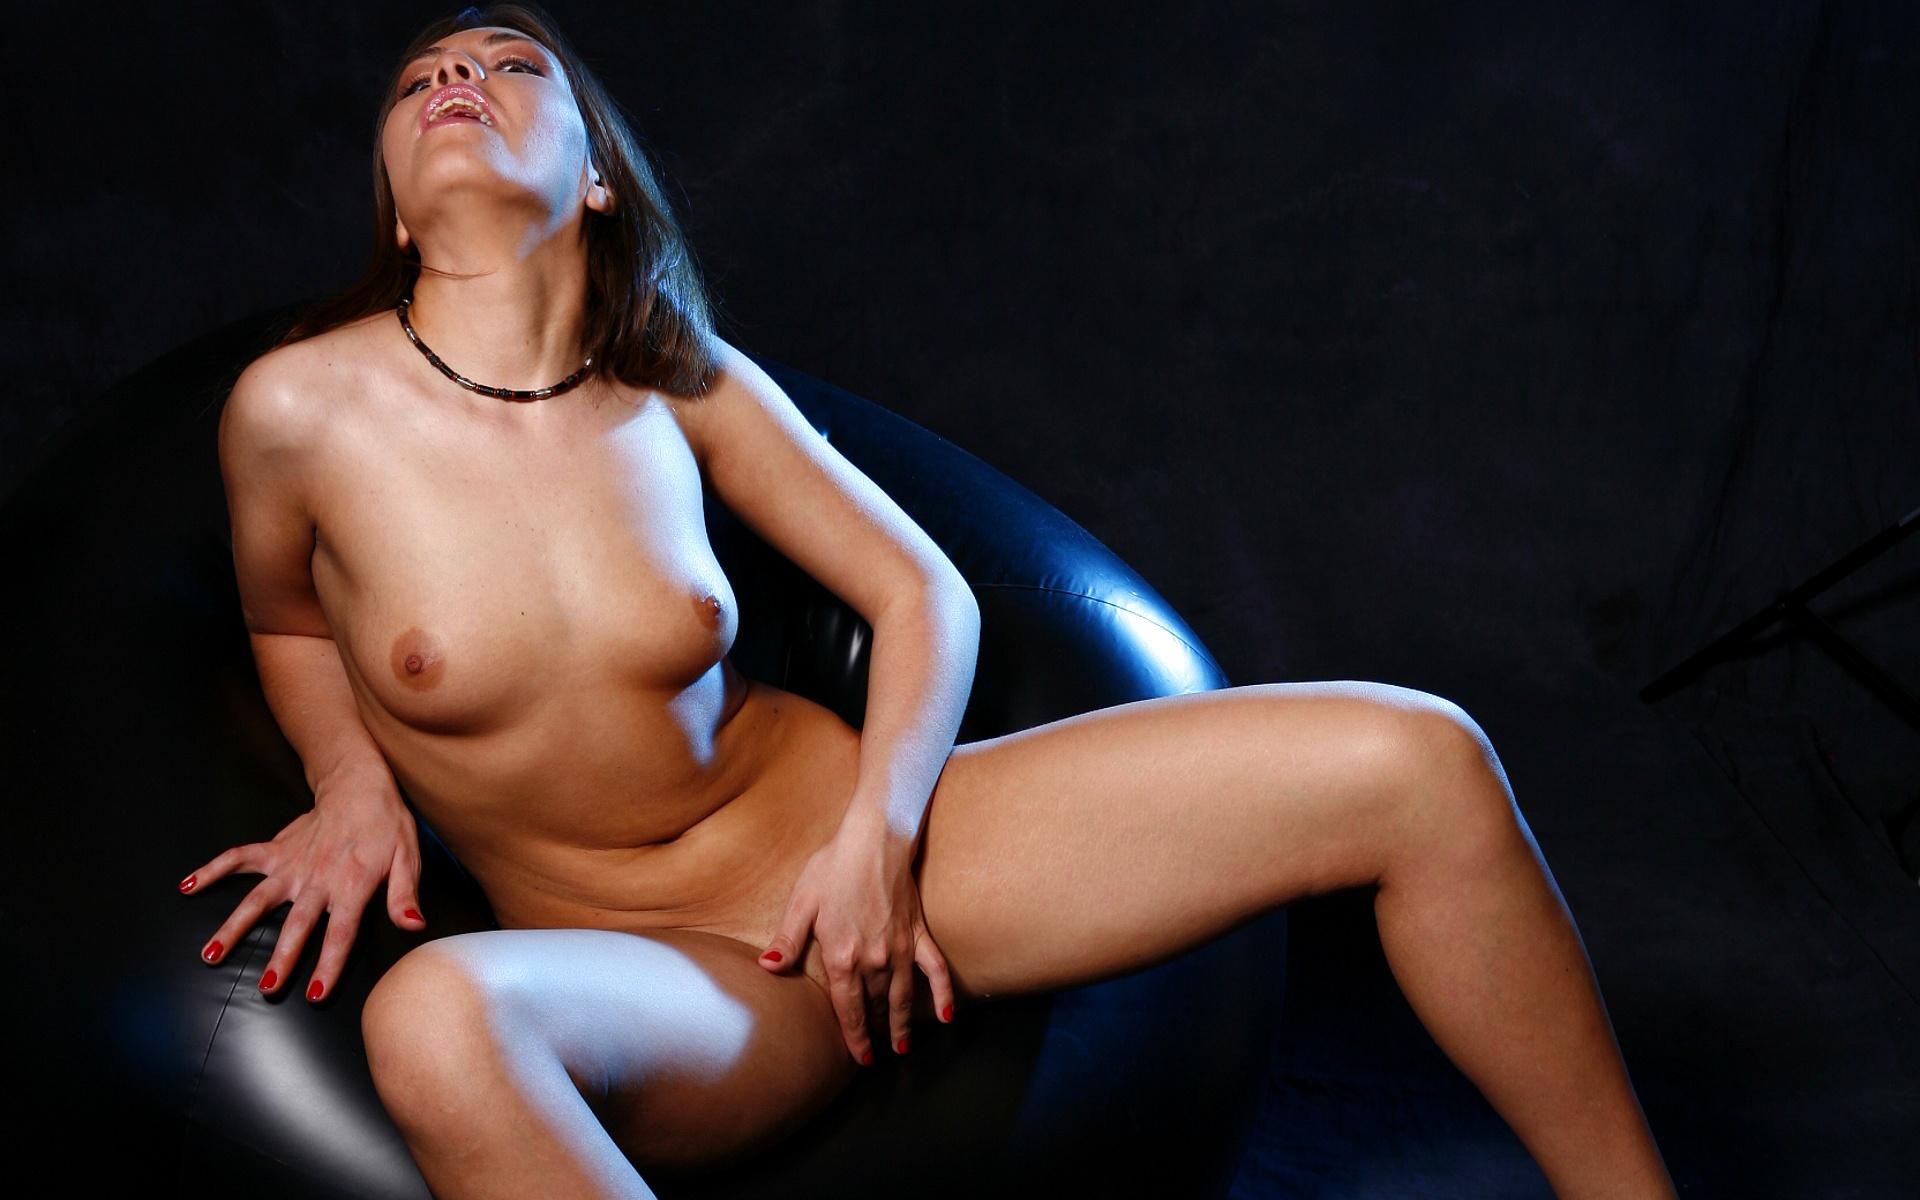 girls first anal sex